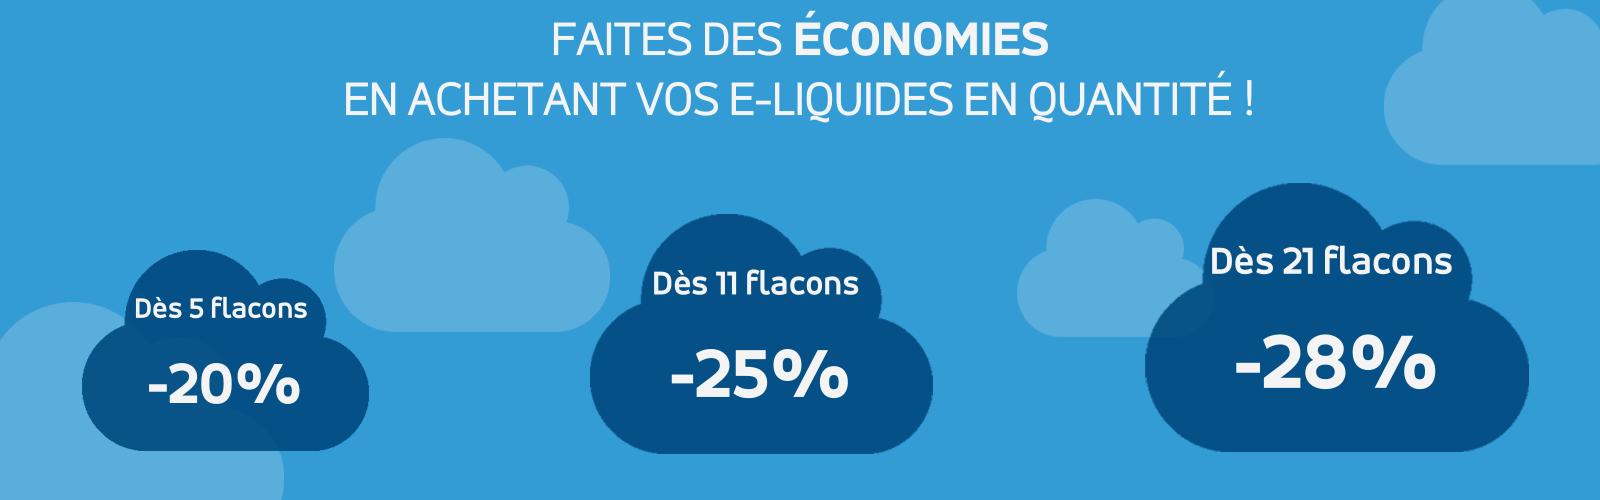 E-liquides prix dégressif pour faire des économies cigarette électronique Ciga France